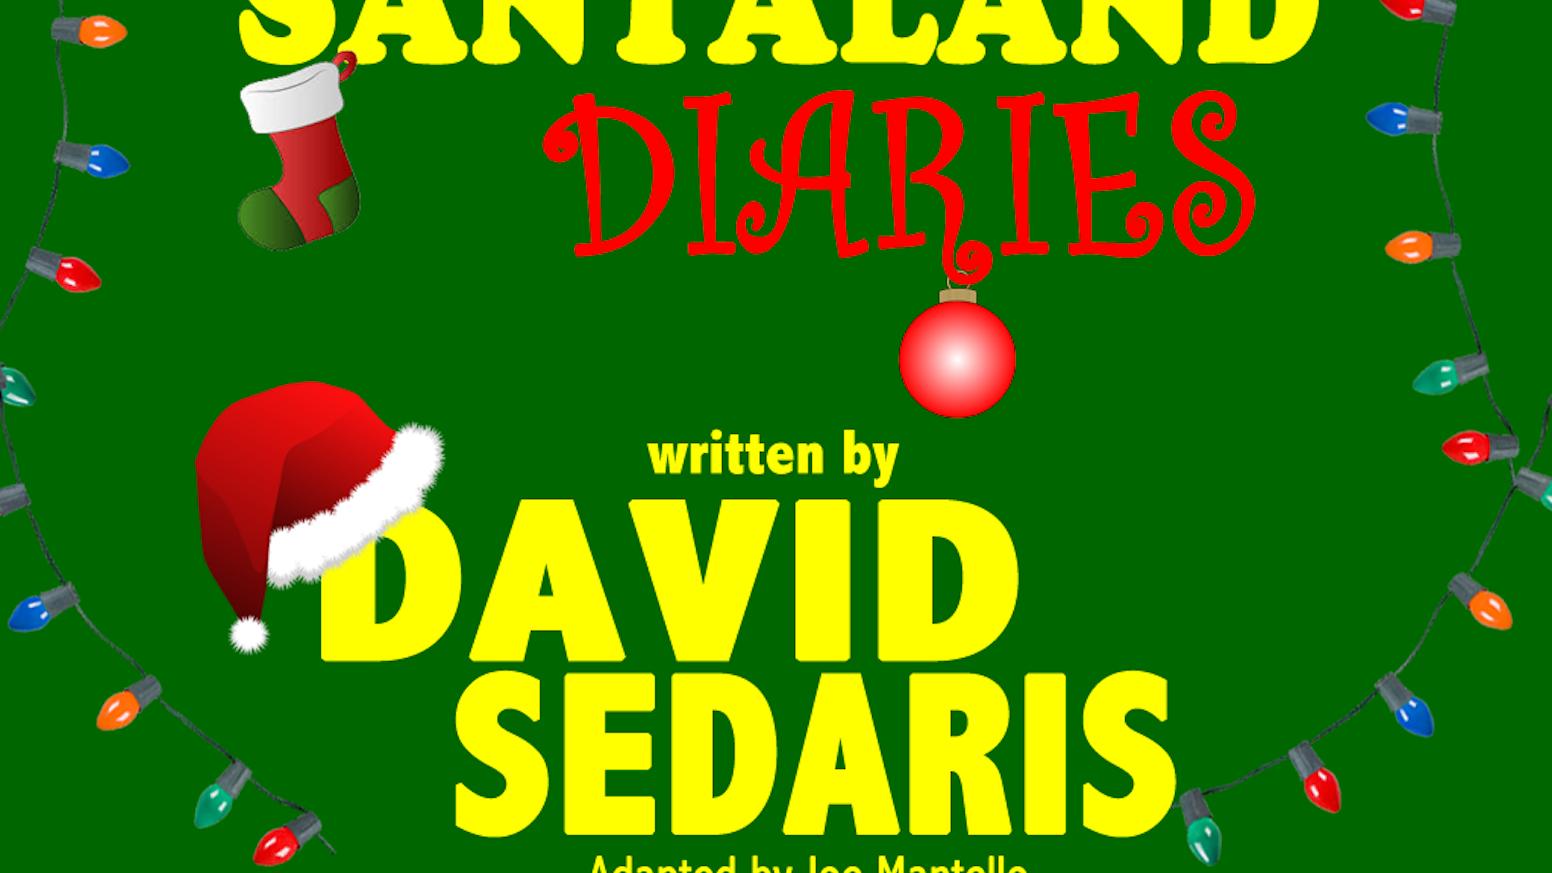 the santaland diaries by david sedaris in los angeles 2014 - David Sedaris Christmas